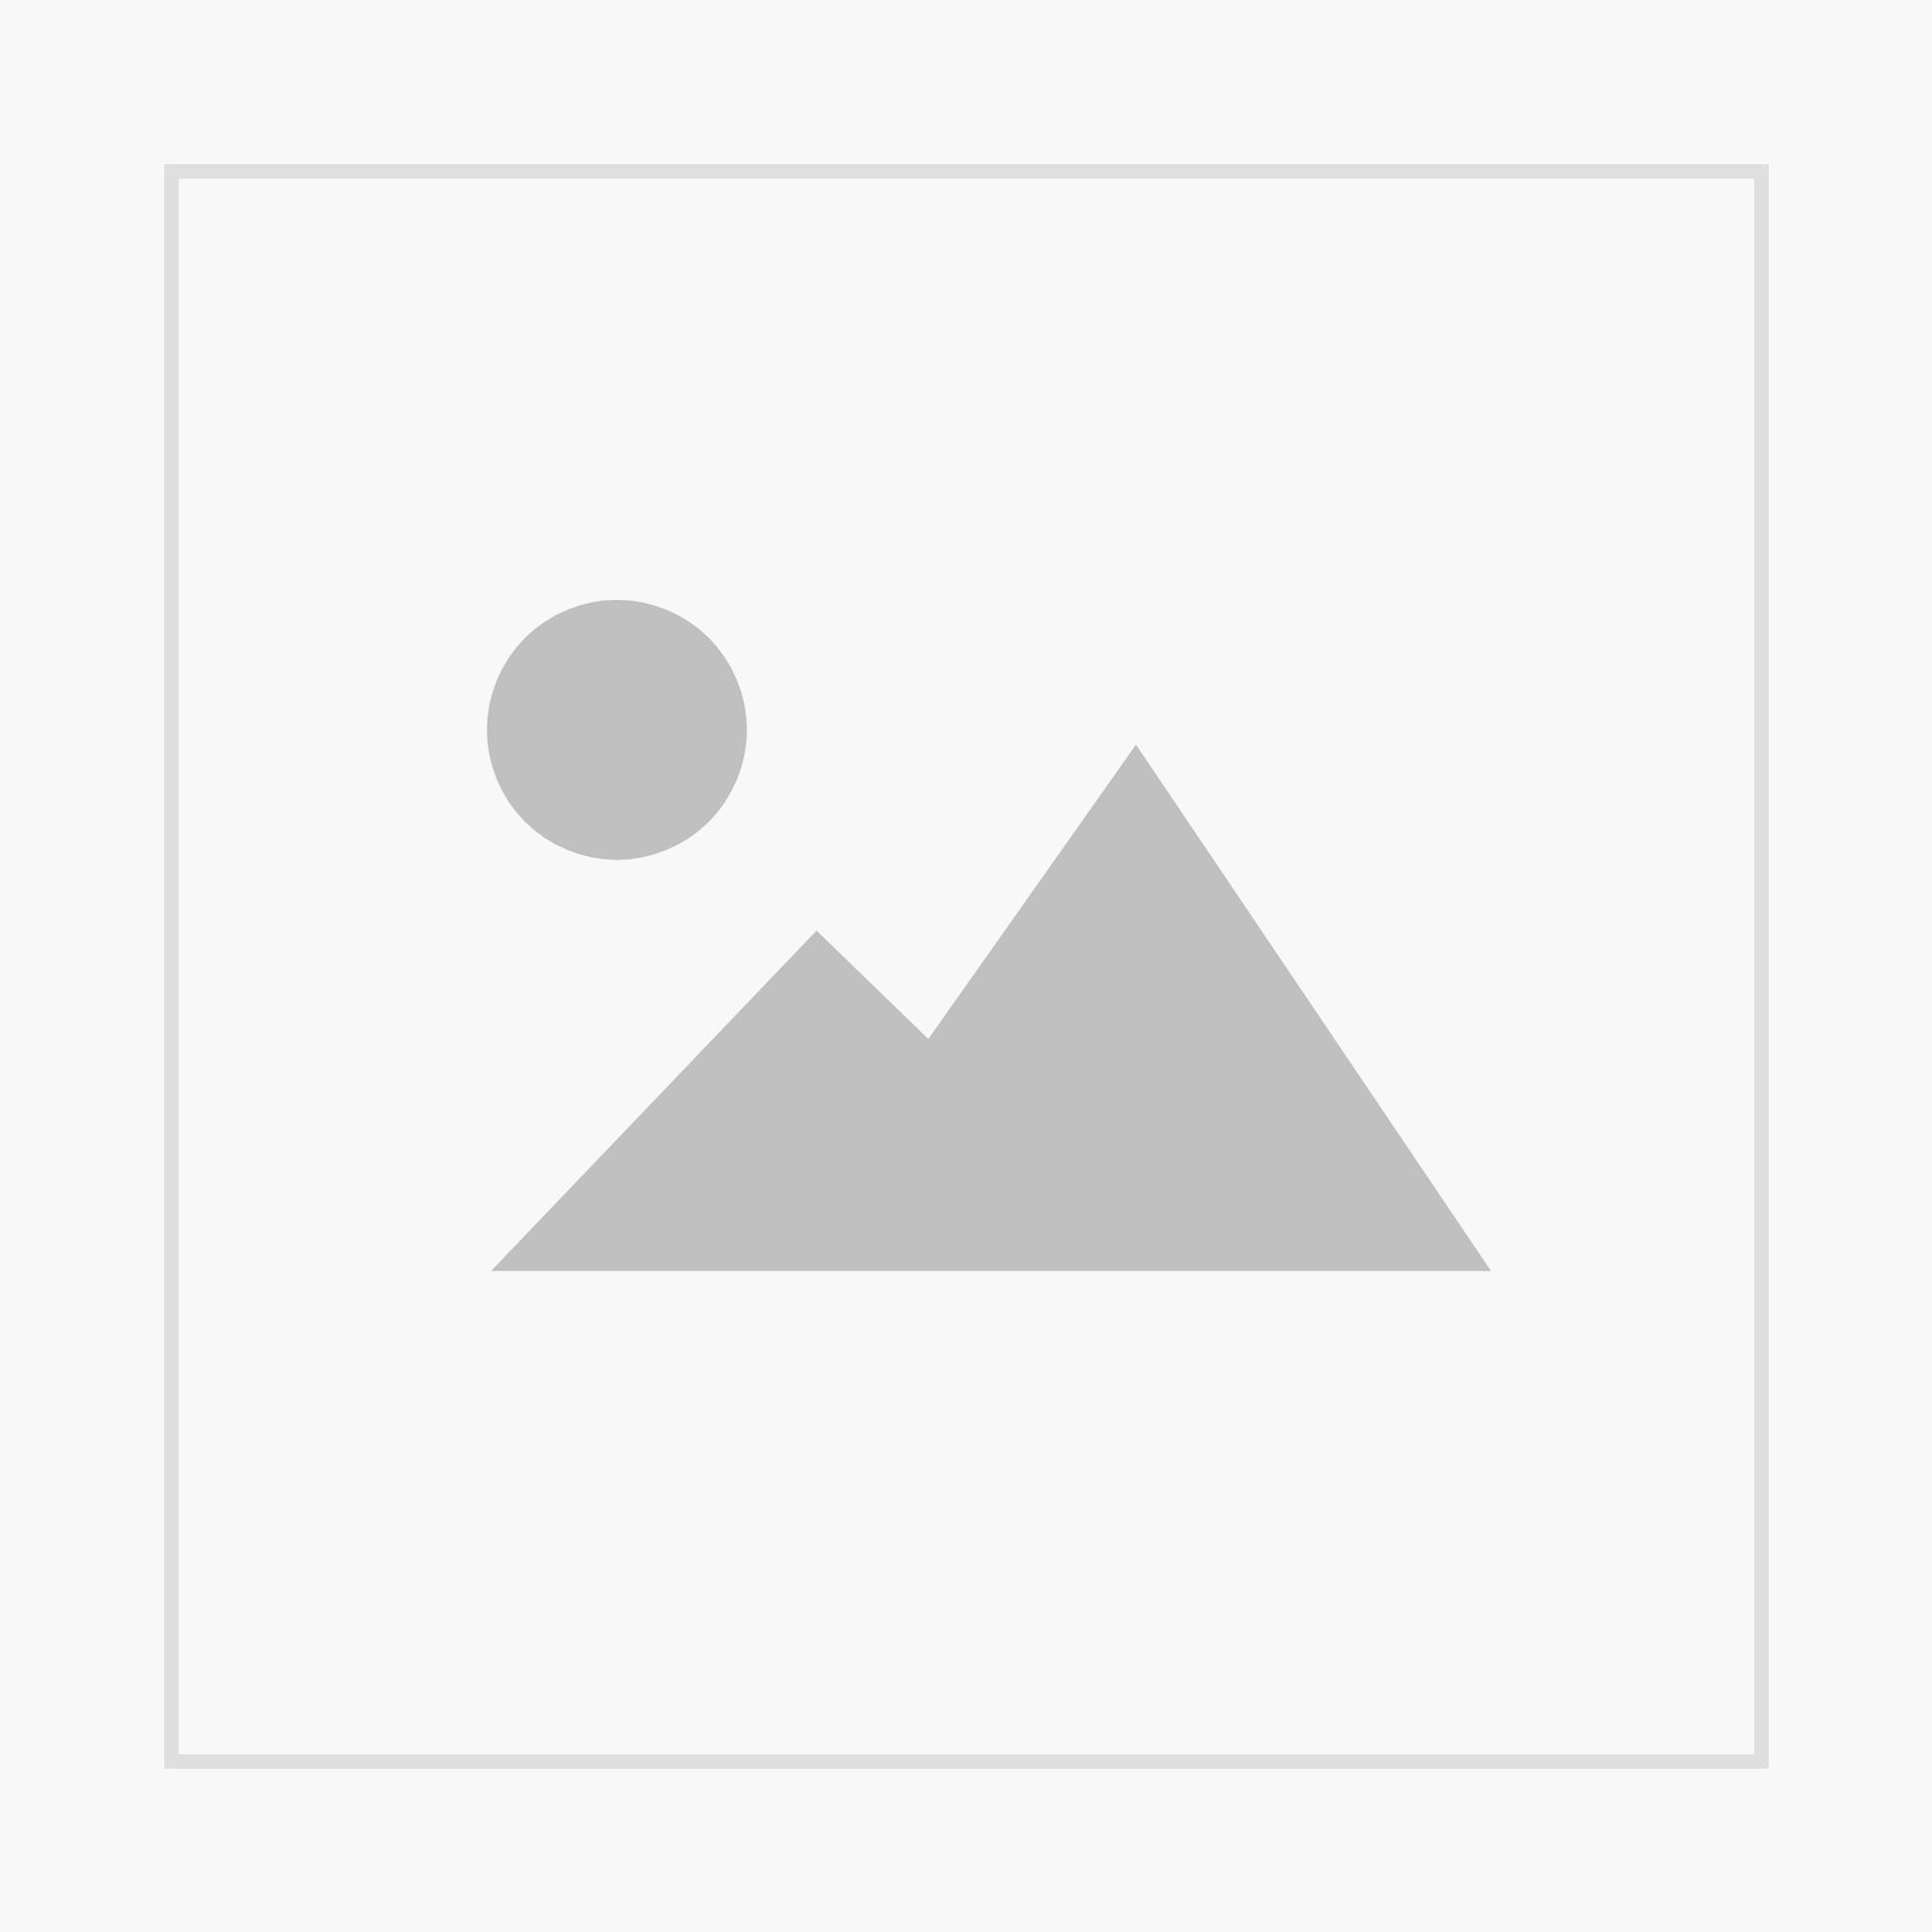 Ve Heft 37: Arealkundliche Analyse und Bewertung der Schutzrelevanz seltener und gefährdeter Gefäßpflanzen Deutschlands